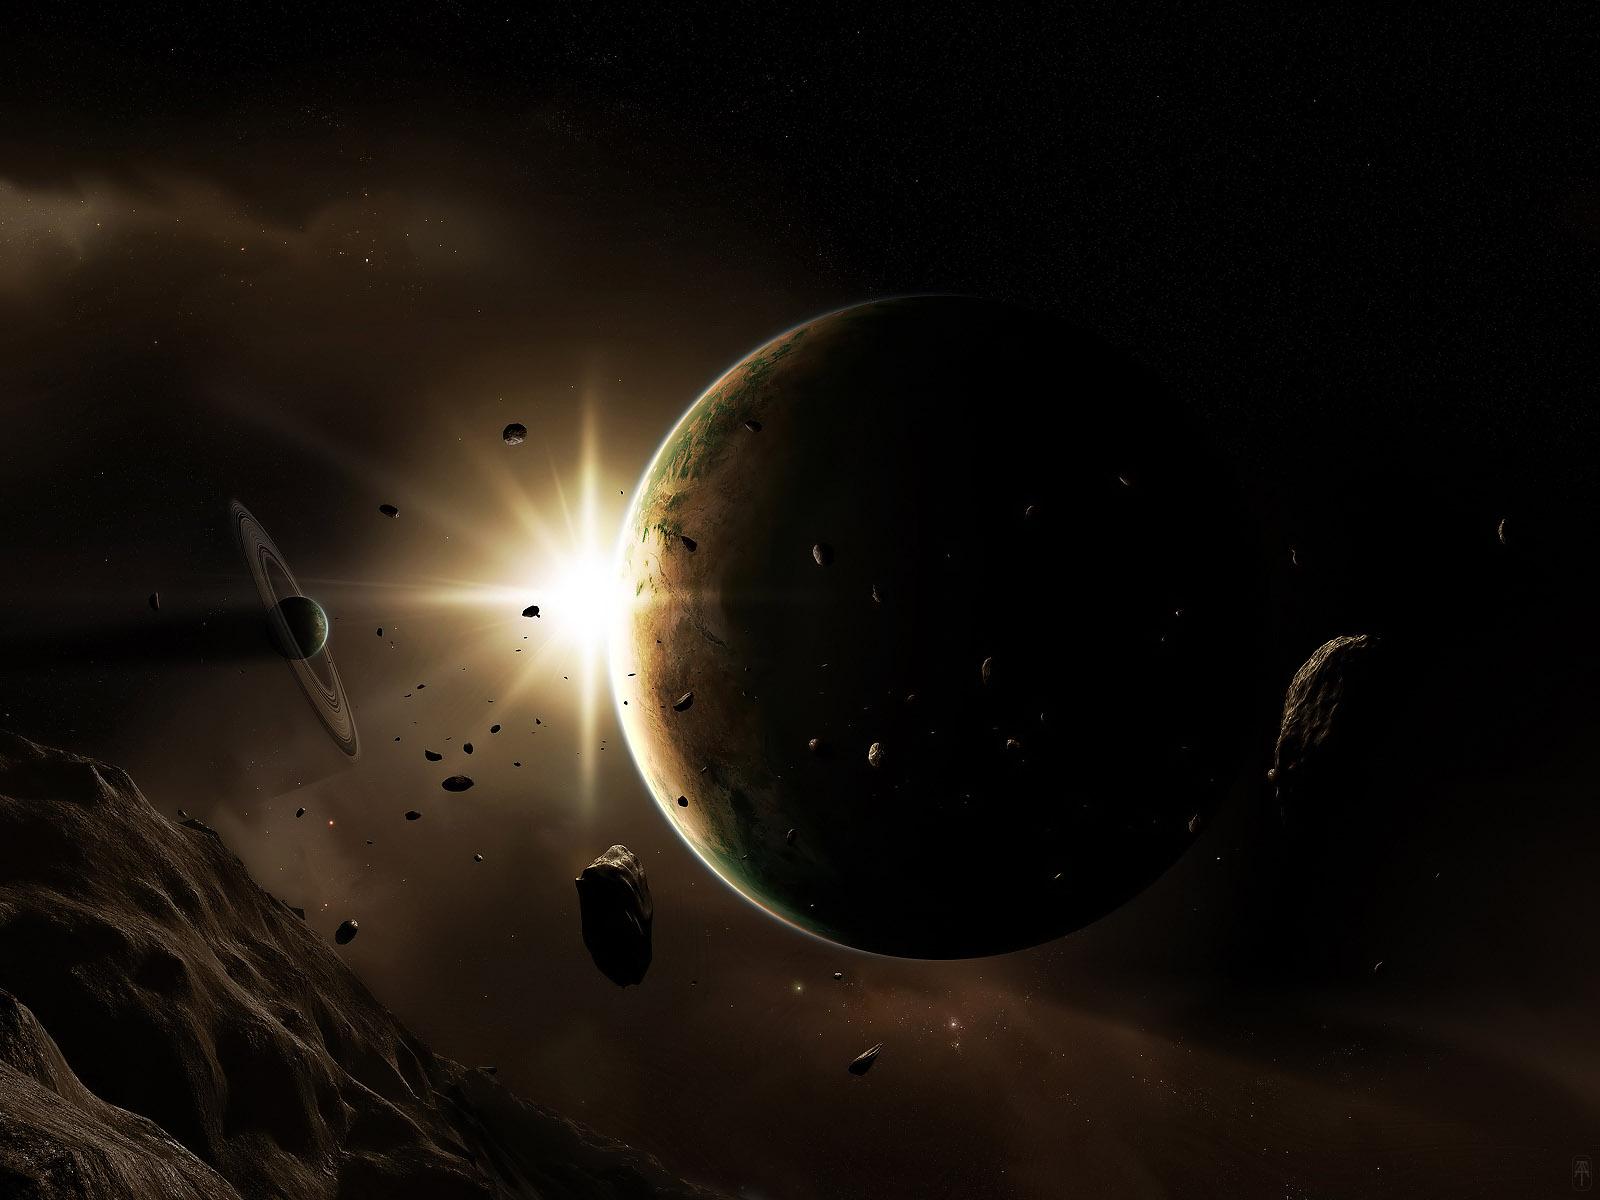 Космос планета в космосе скачать